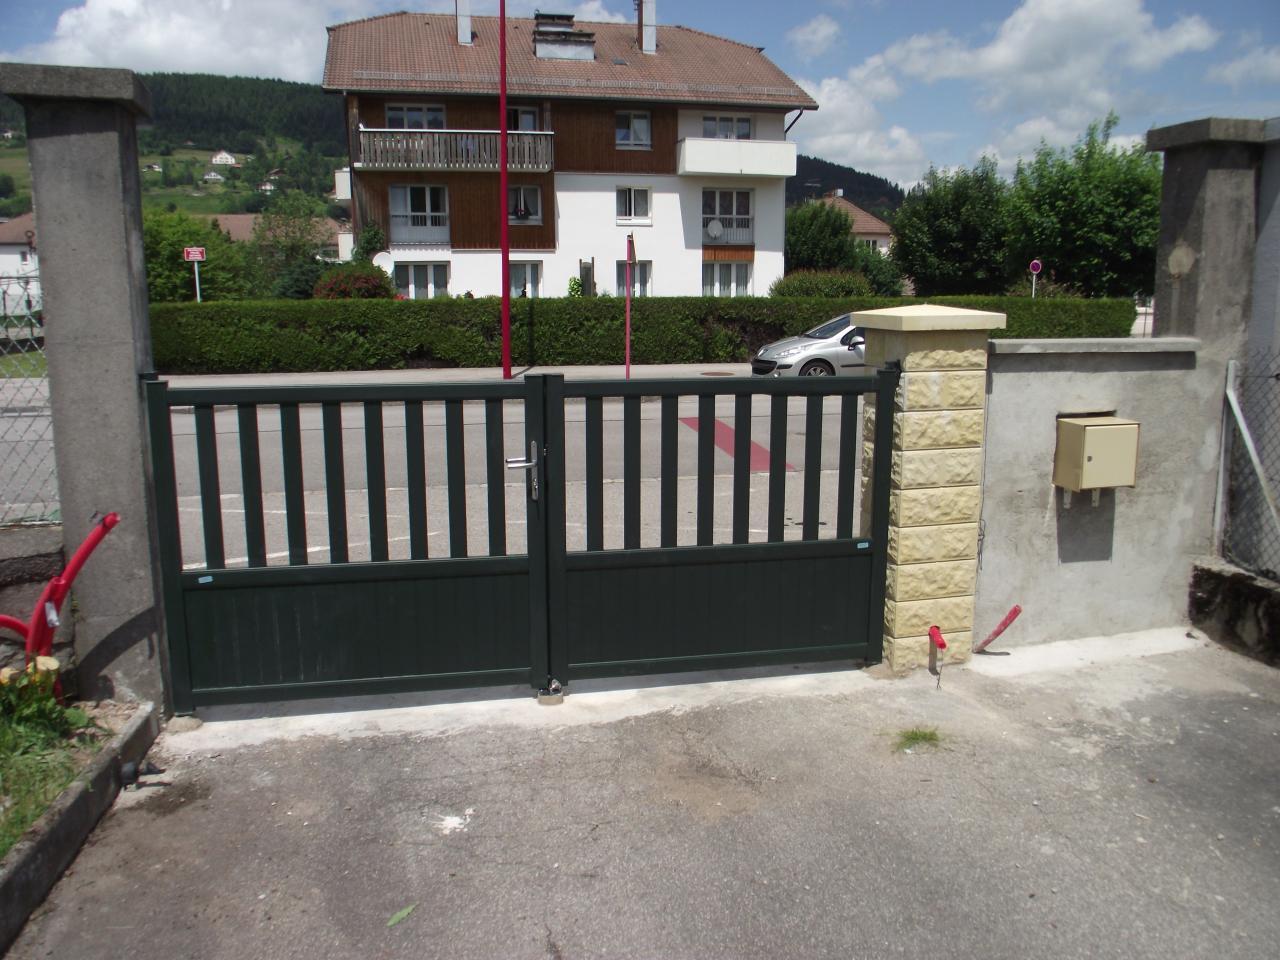 R ception du portail et pose autre angle - Portail d angle ...